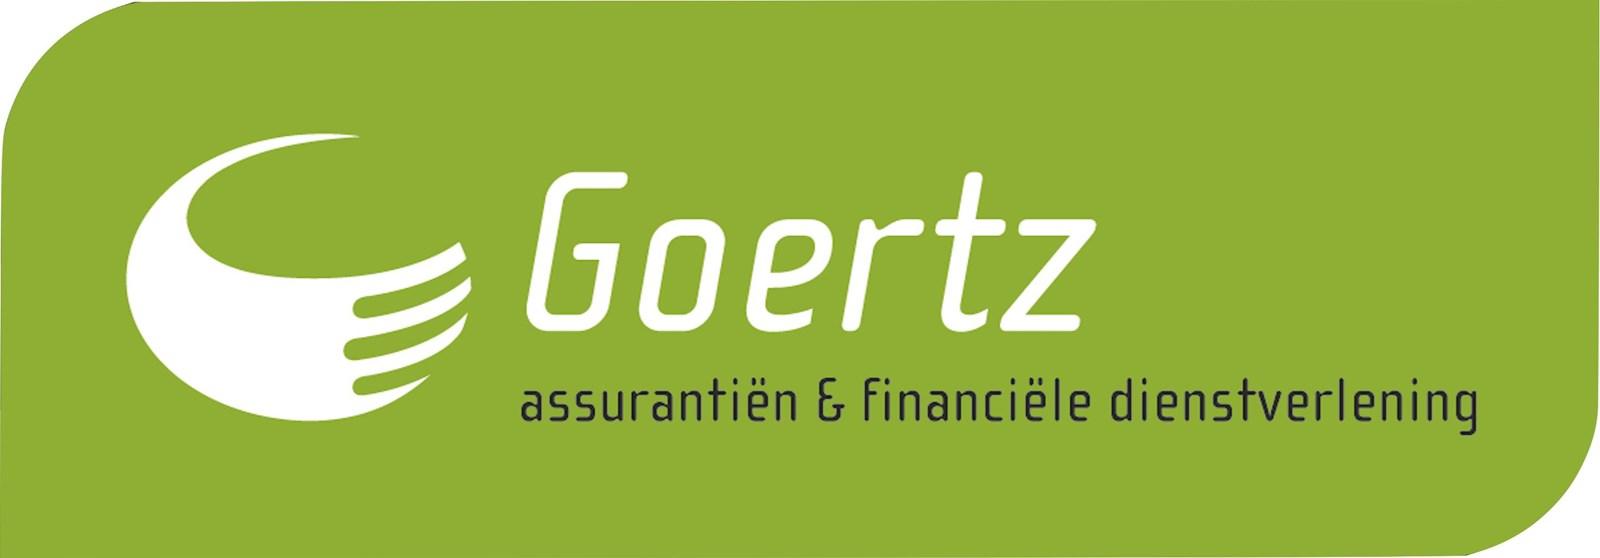 Logo van Goertz assurantiën & financiële dienstverlening